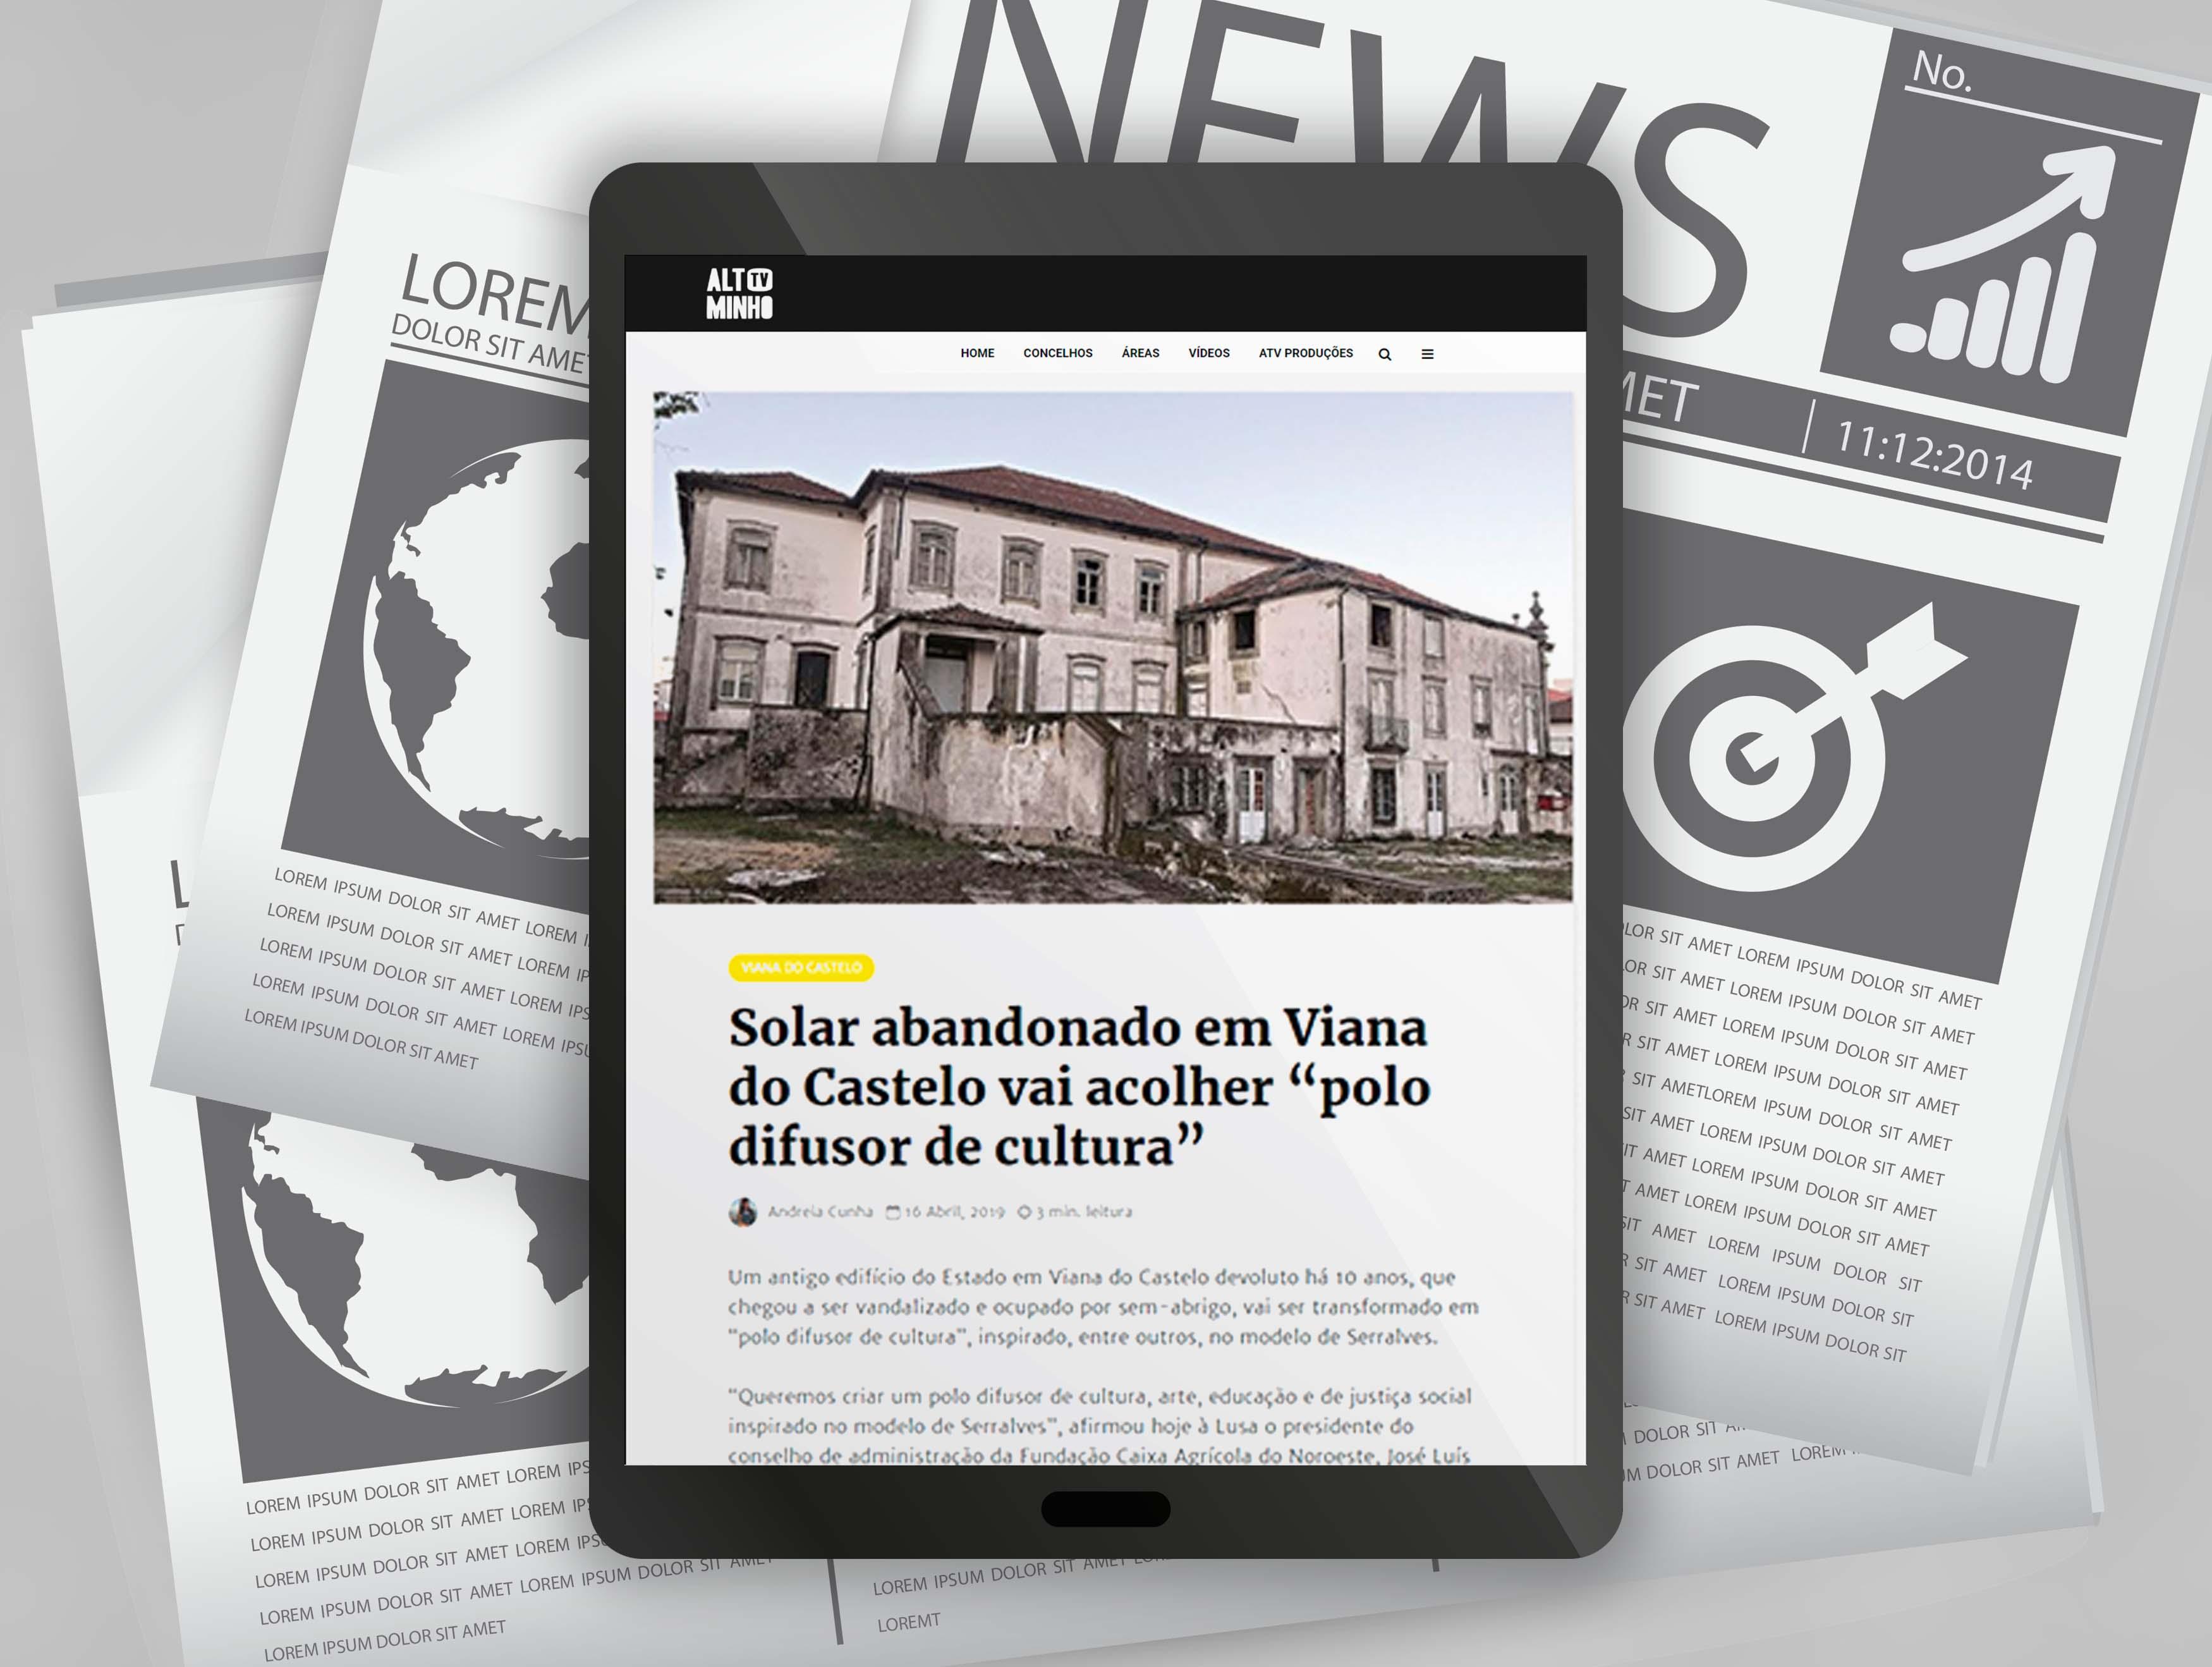 """Solar abandonado em Viana do Castelo vai acolher """"polo difusor de cultura"""""""